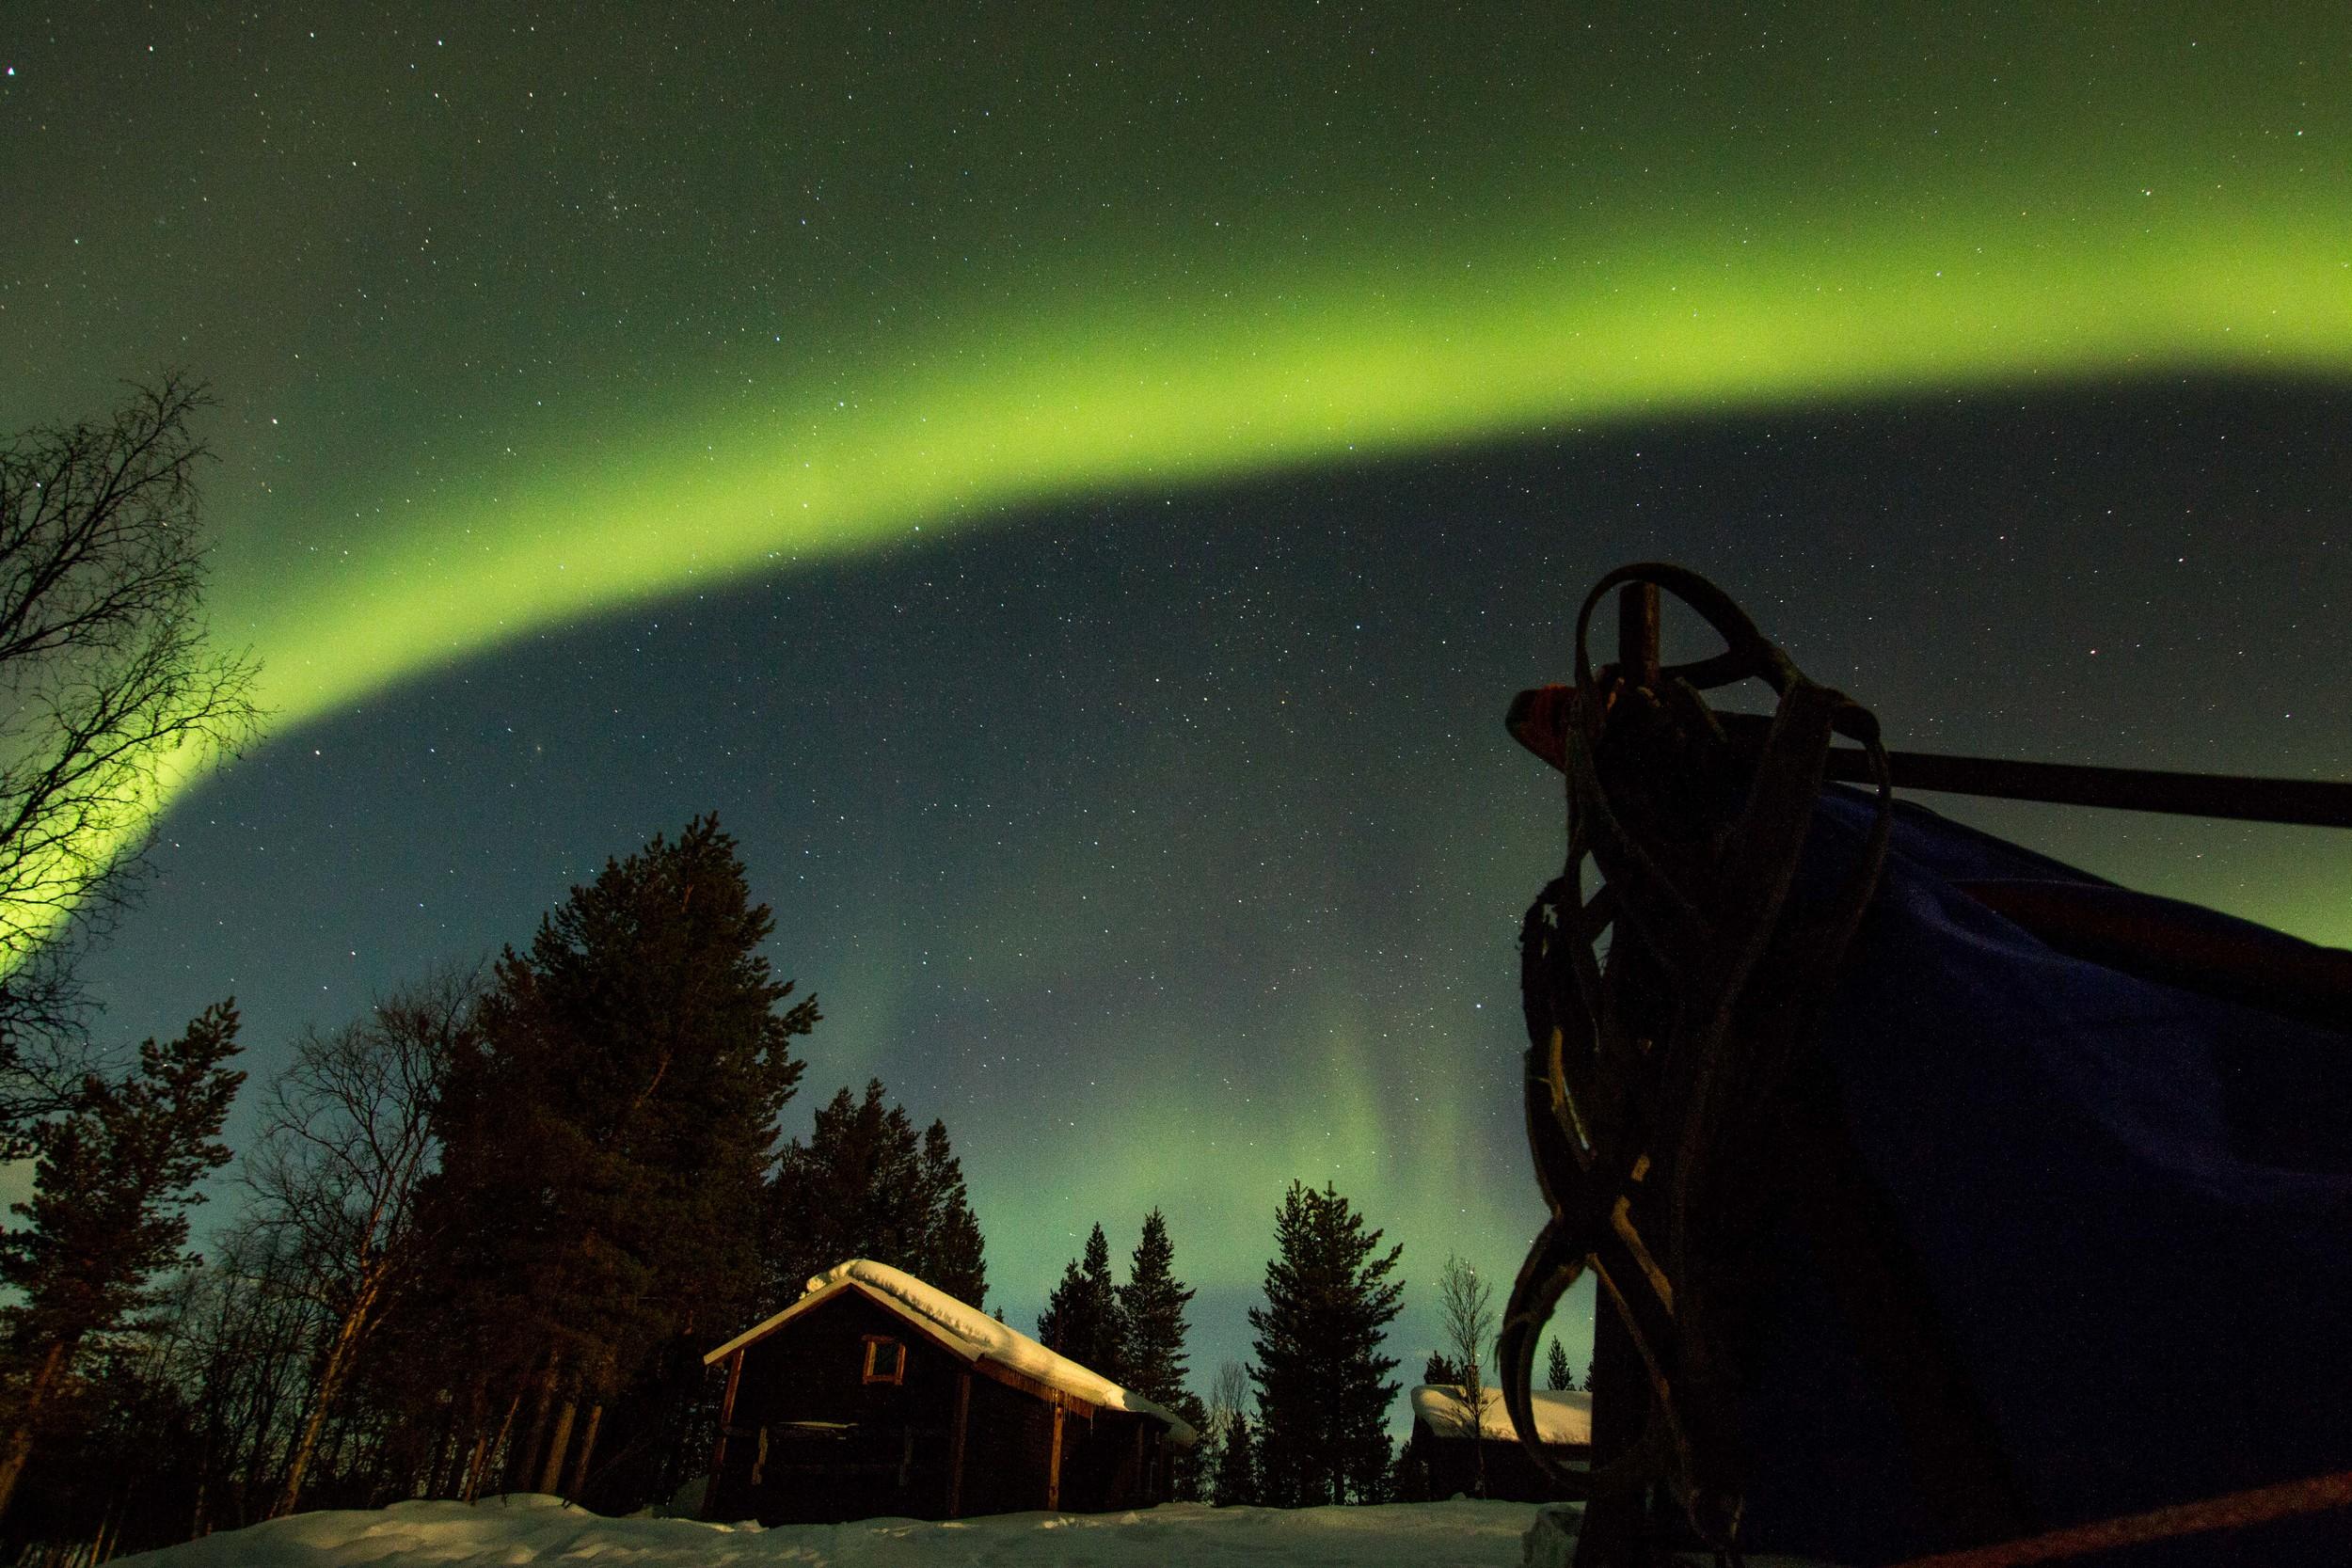 Northern Lights, White Trail Adventures - Kiruna, Sweden - March 2015